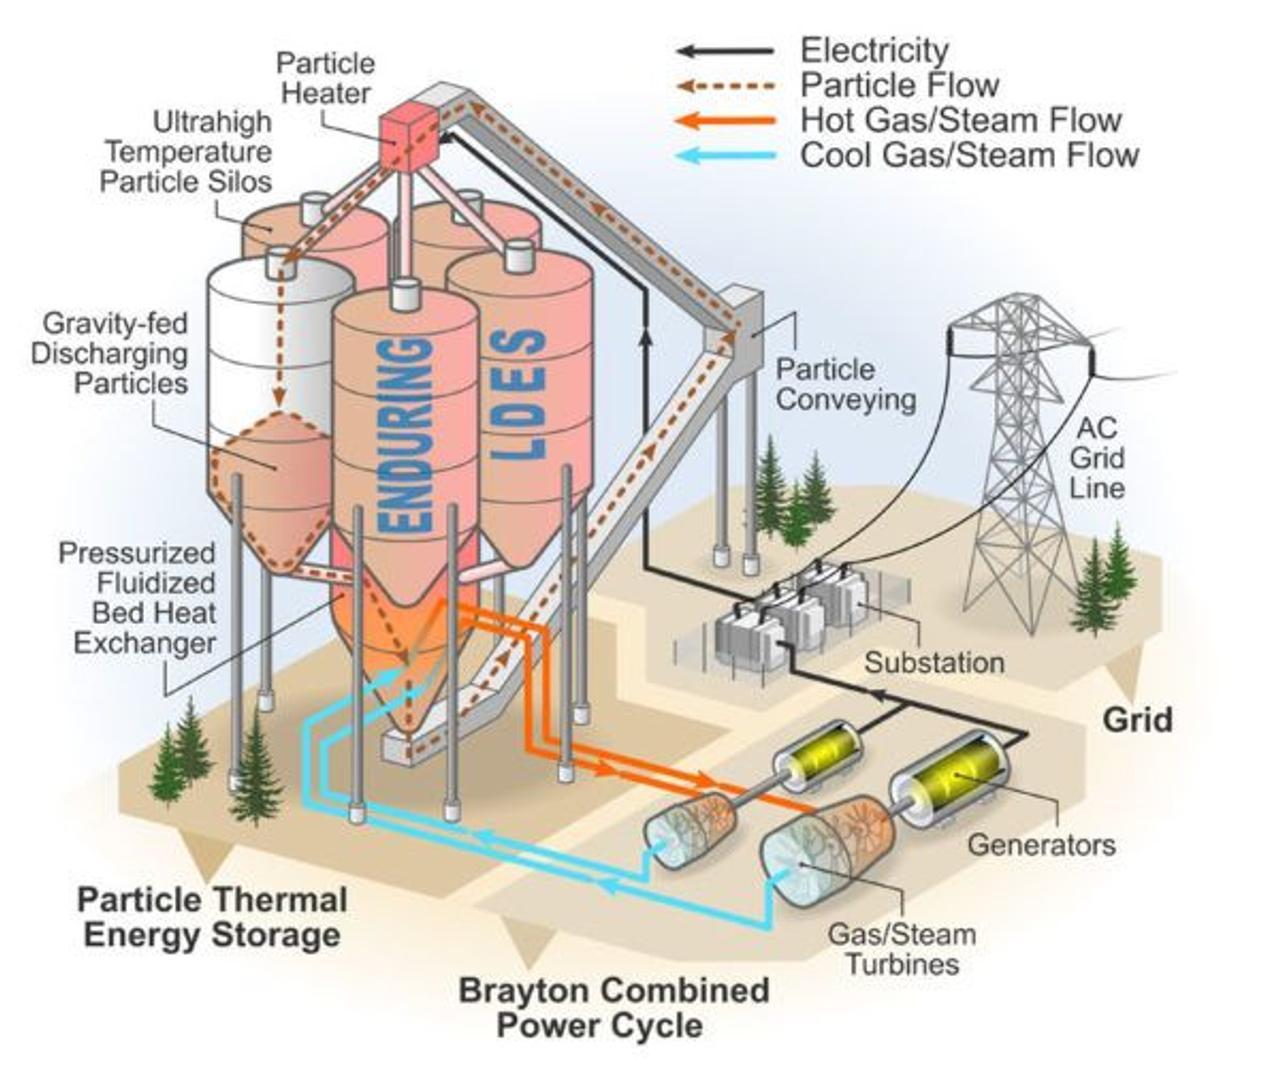 Для хранения тепловой энергии будут использовать кварцевый песок